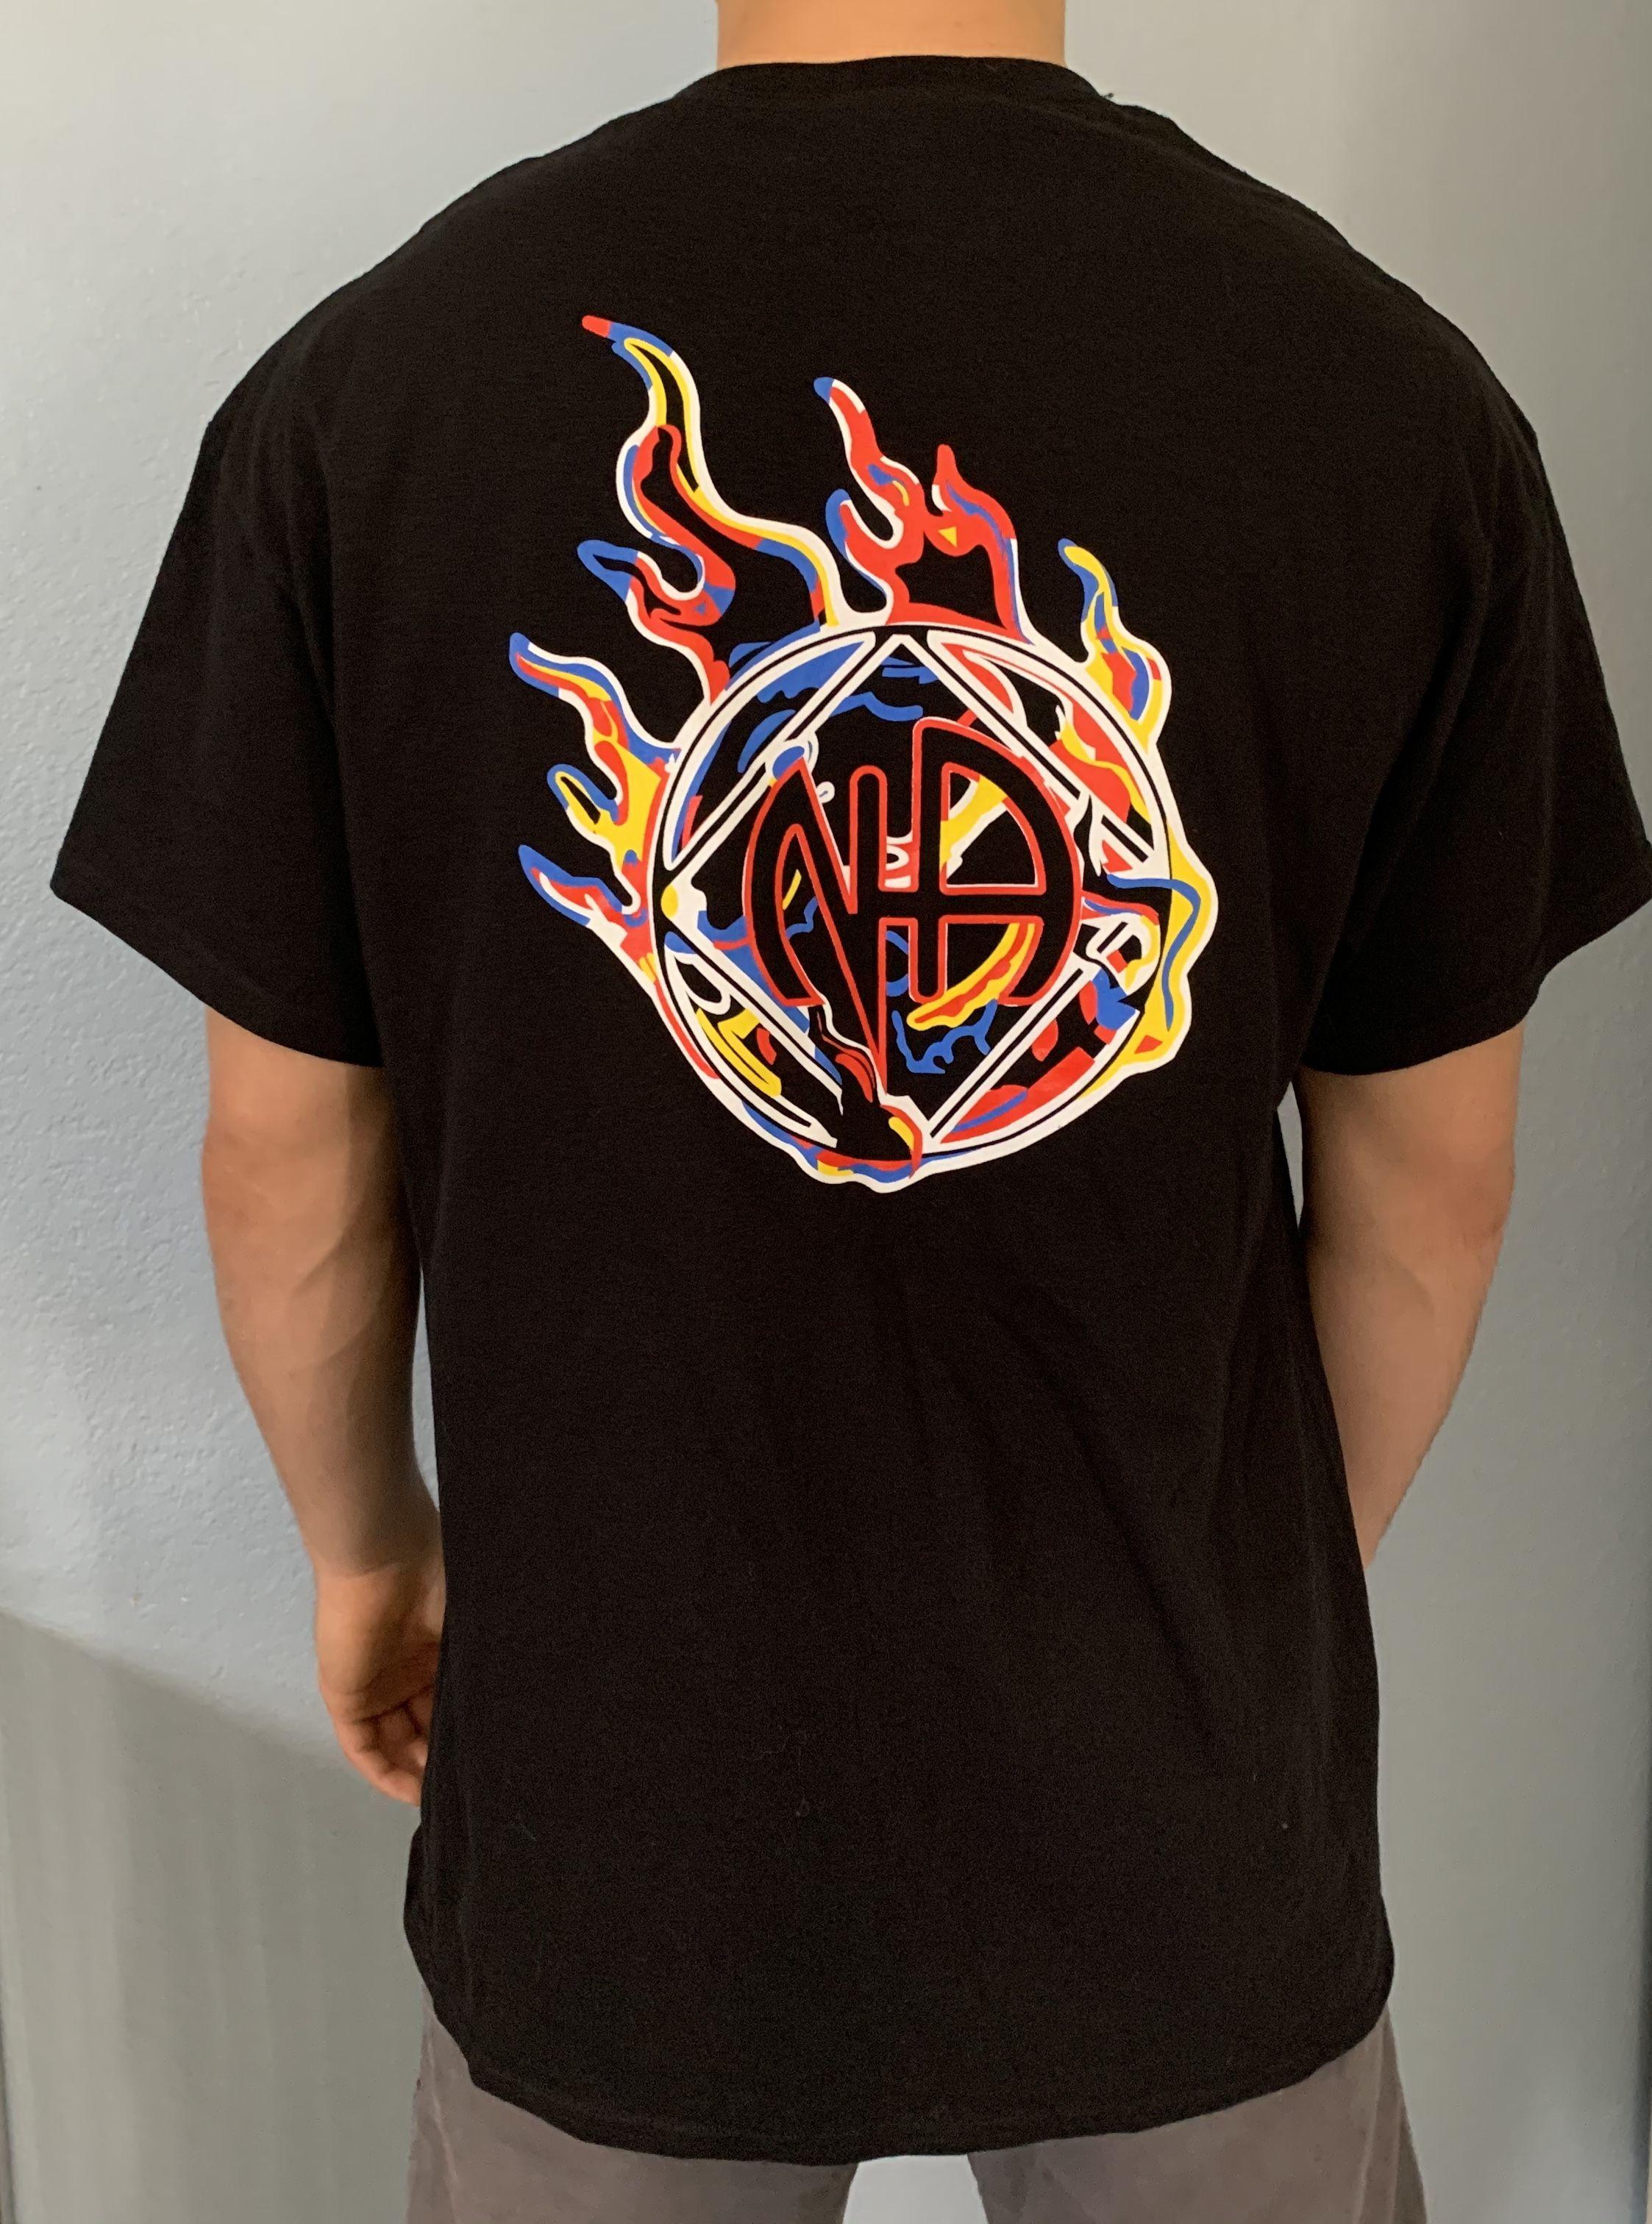 Na Flame T Shirt Shirts T Shirt Mens Tops